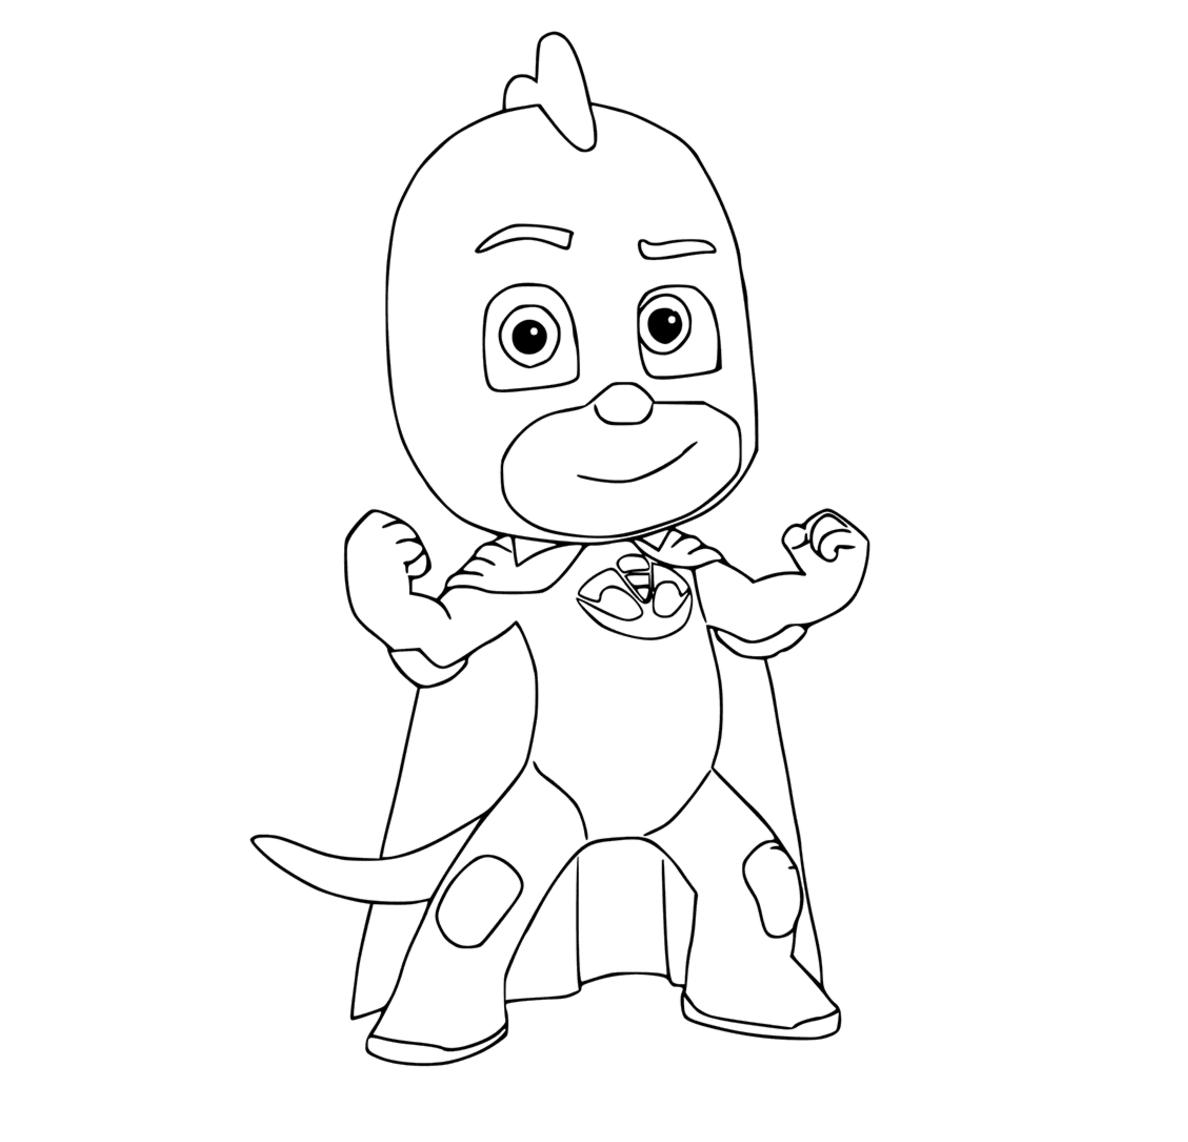 раскраски герои в масках детские раскраски распечатать